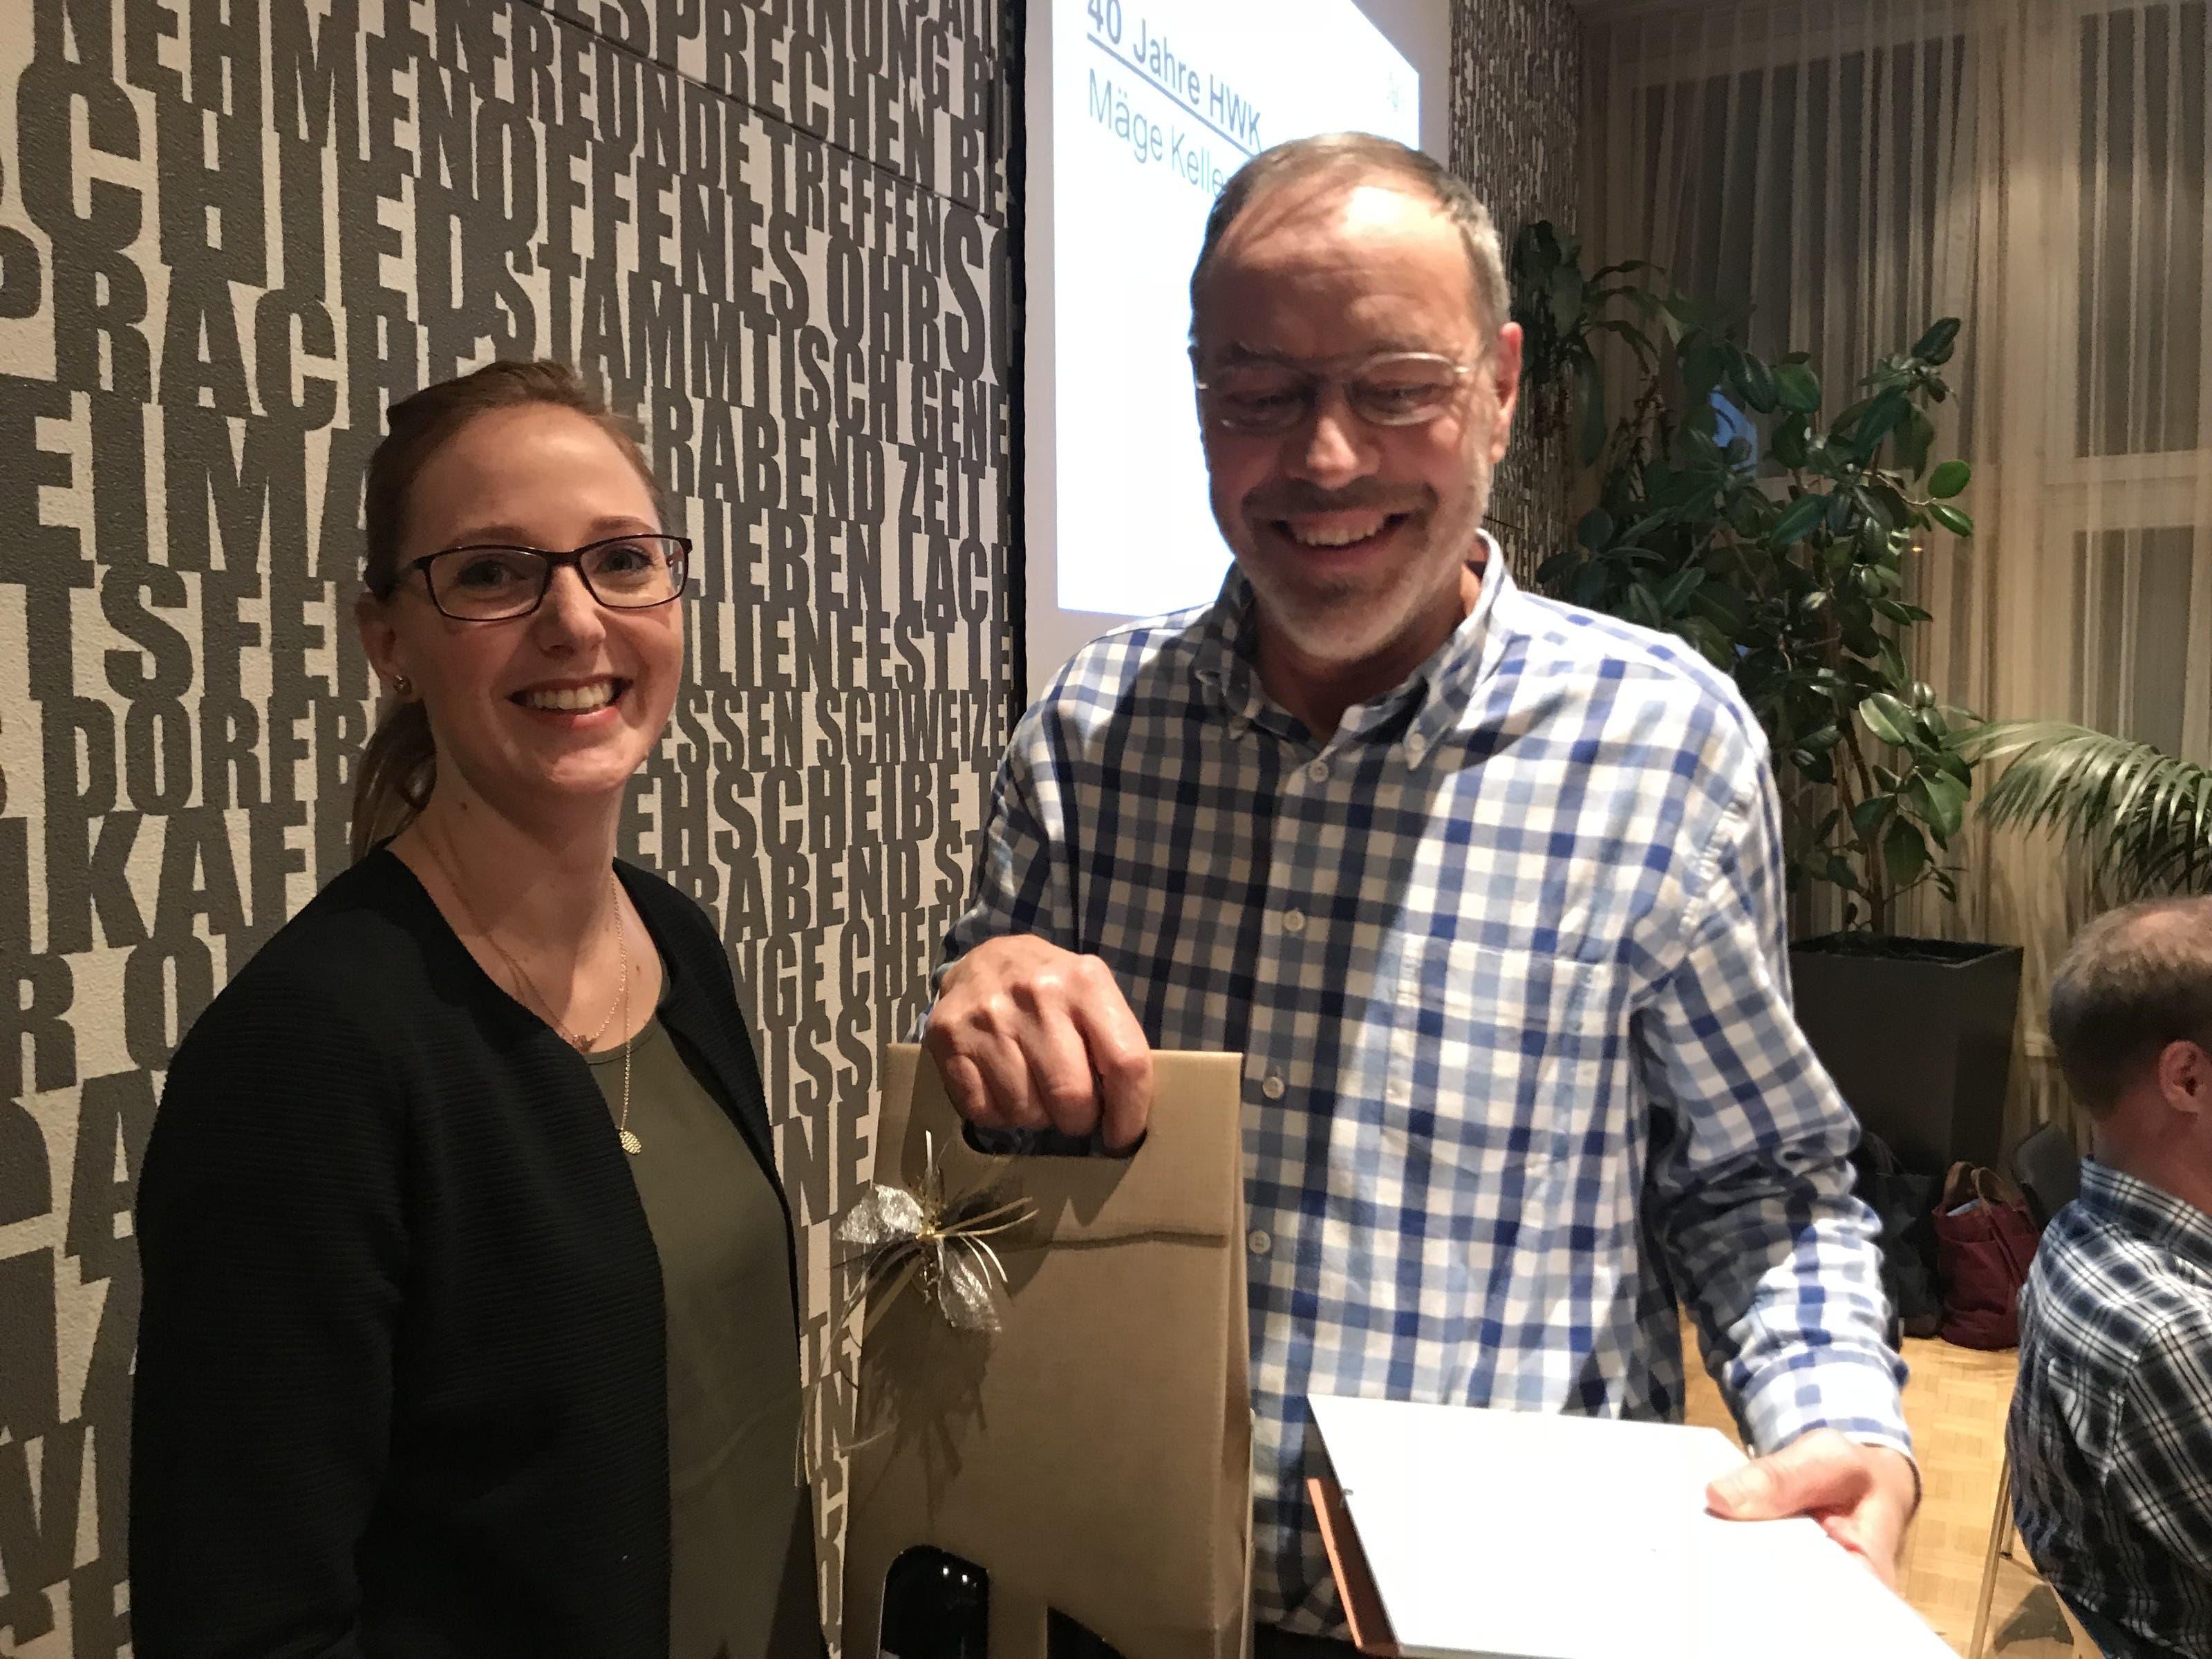 Ueli Däpp, Ehrung 40 Jahre HWK Mitgliederbetreuerin Manuela Gruber mit Präsenten für den geehrten Ueli Däpp für 40 Jahre aktive Mitgliedschaft im Verein.